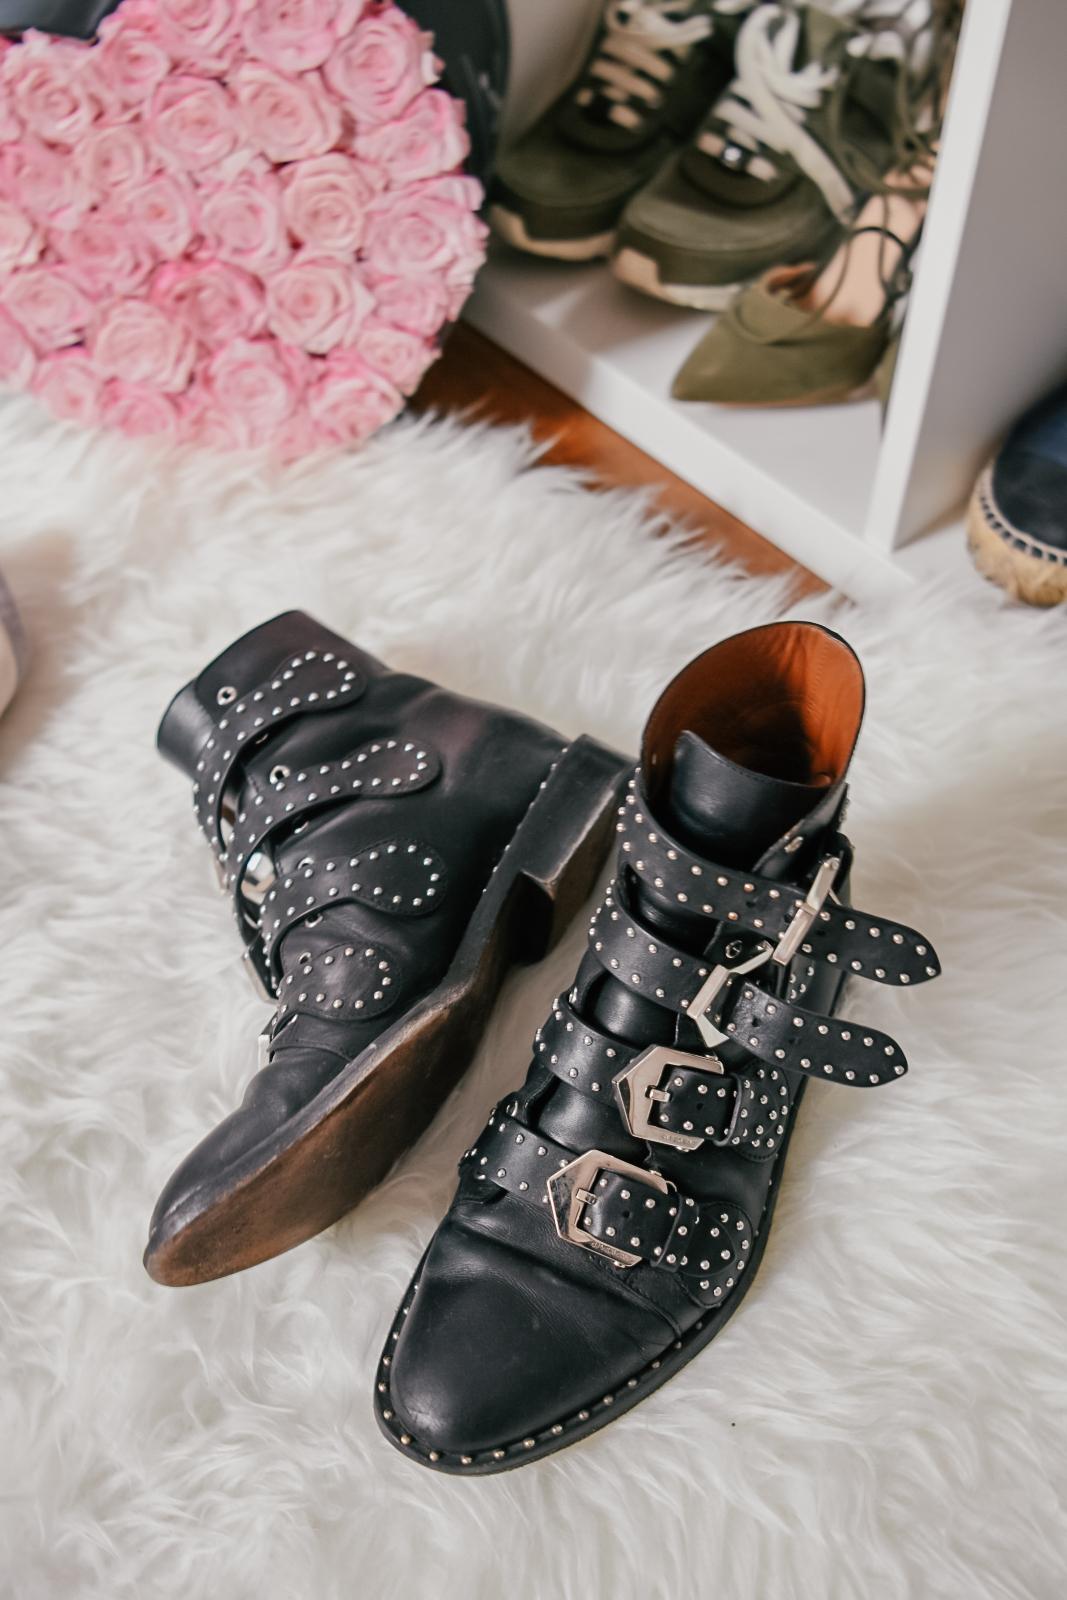 shoes4-2